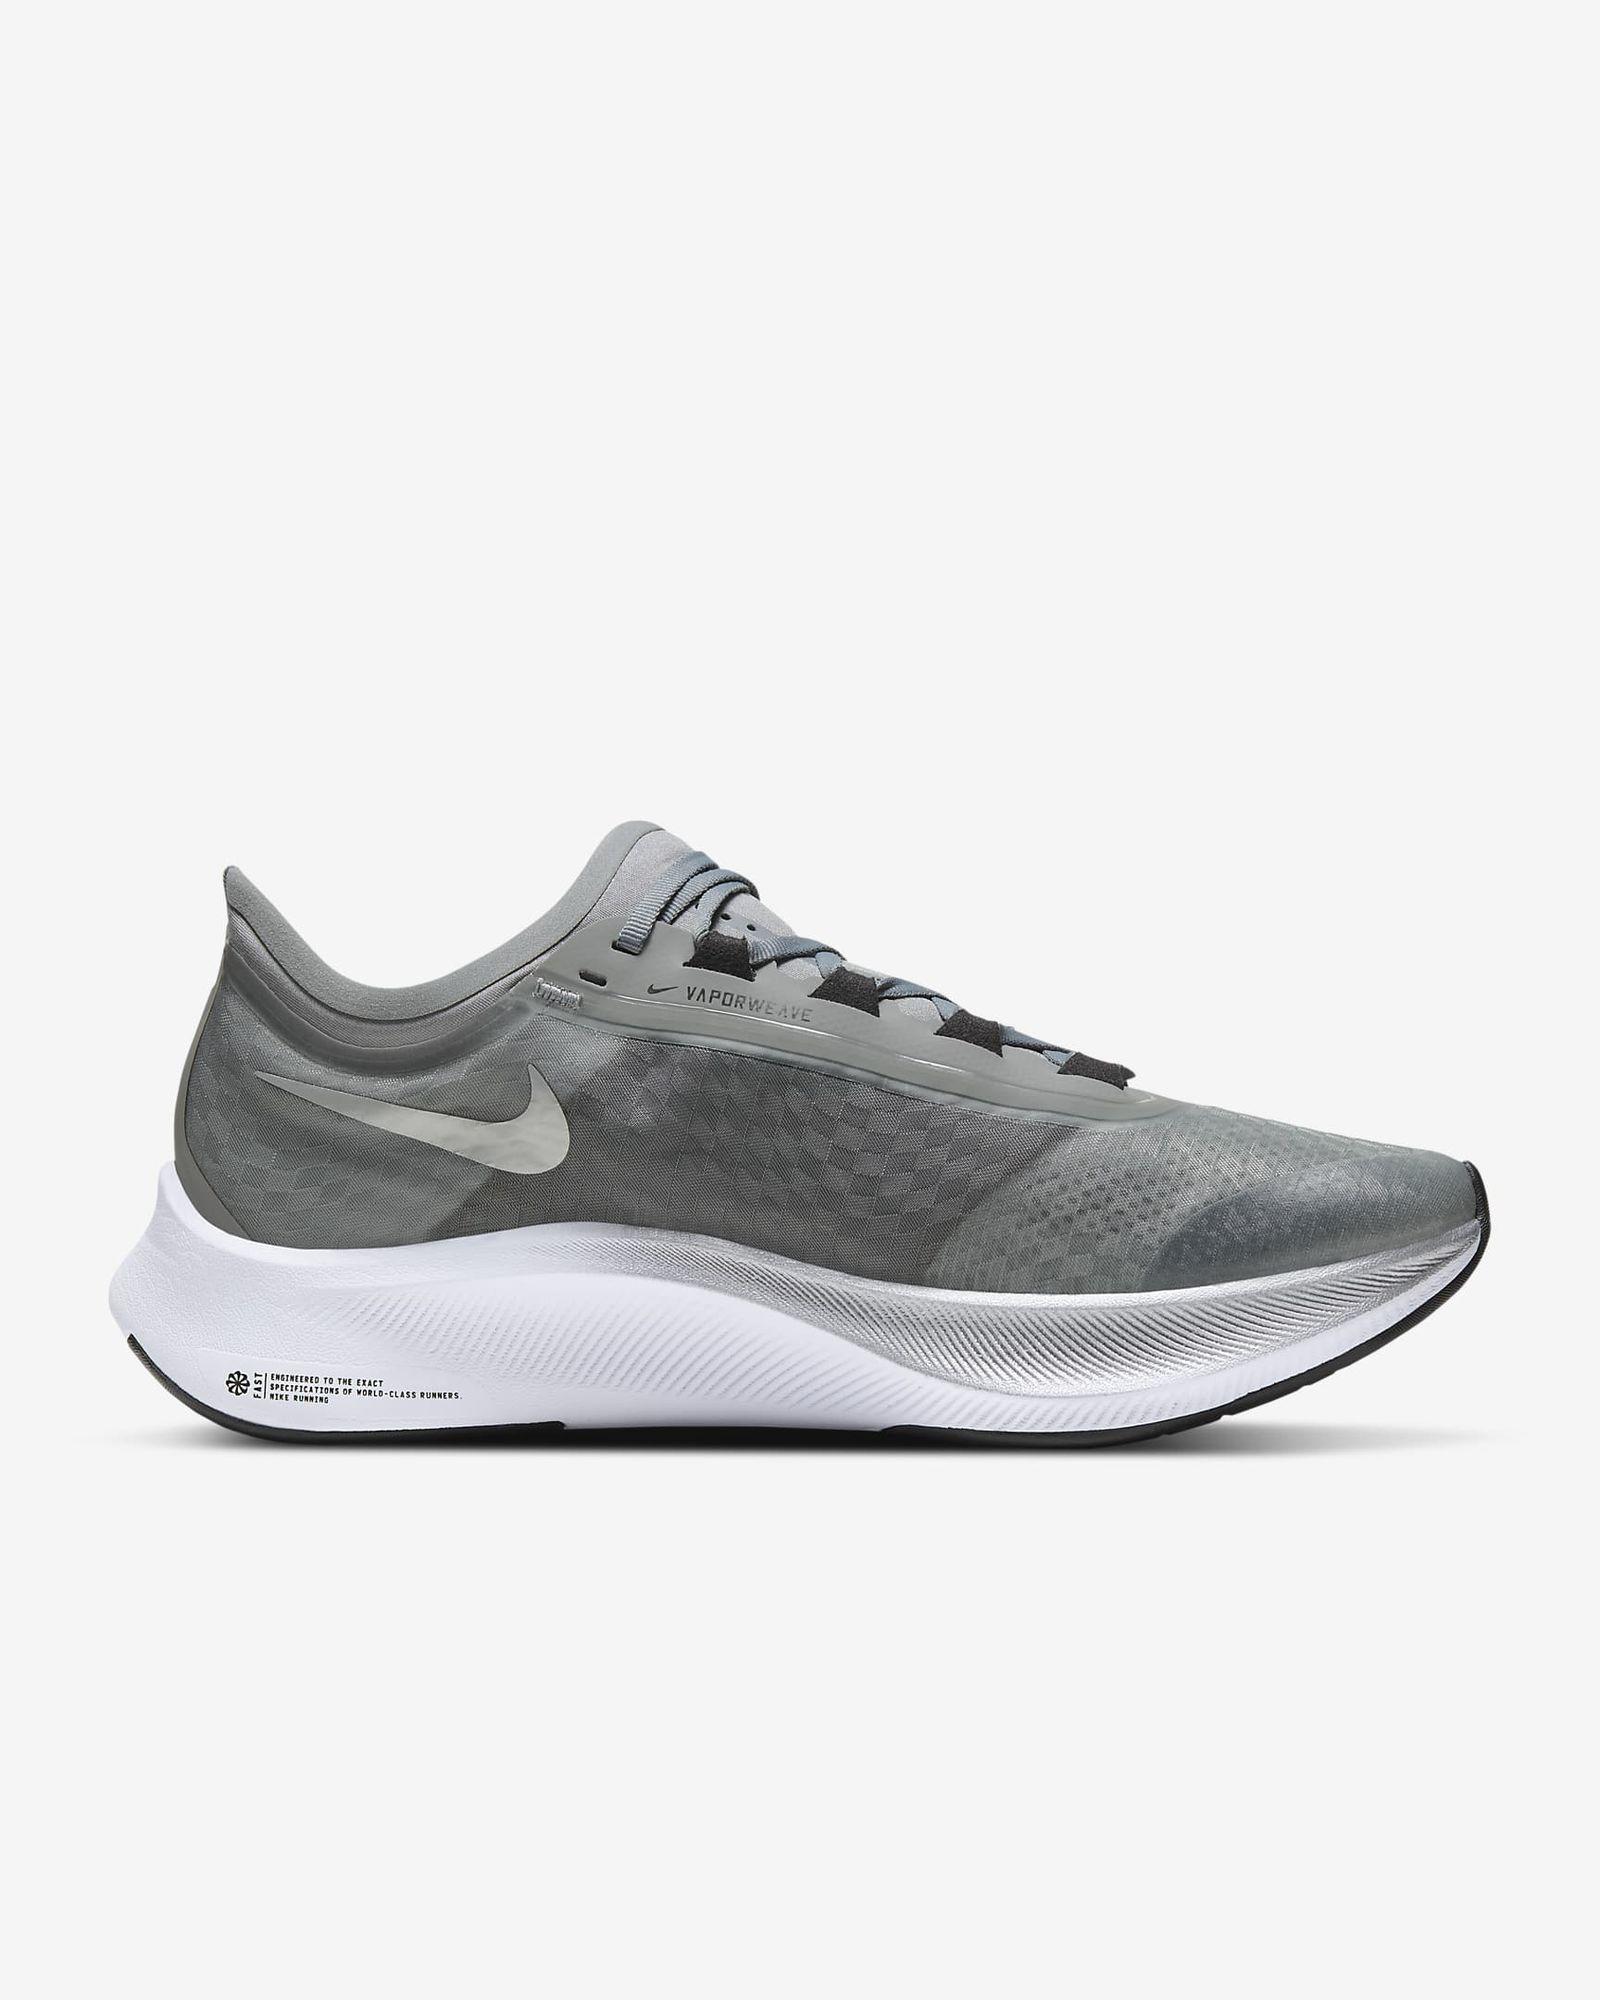 Nike Zoom Fly 3 (Grey)